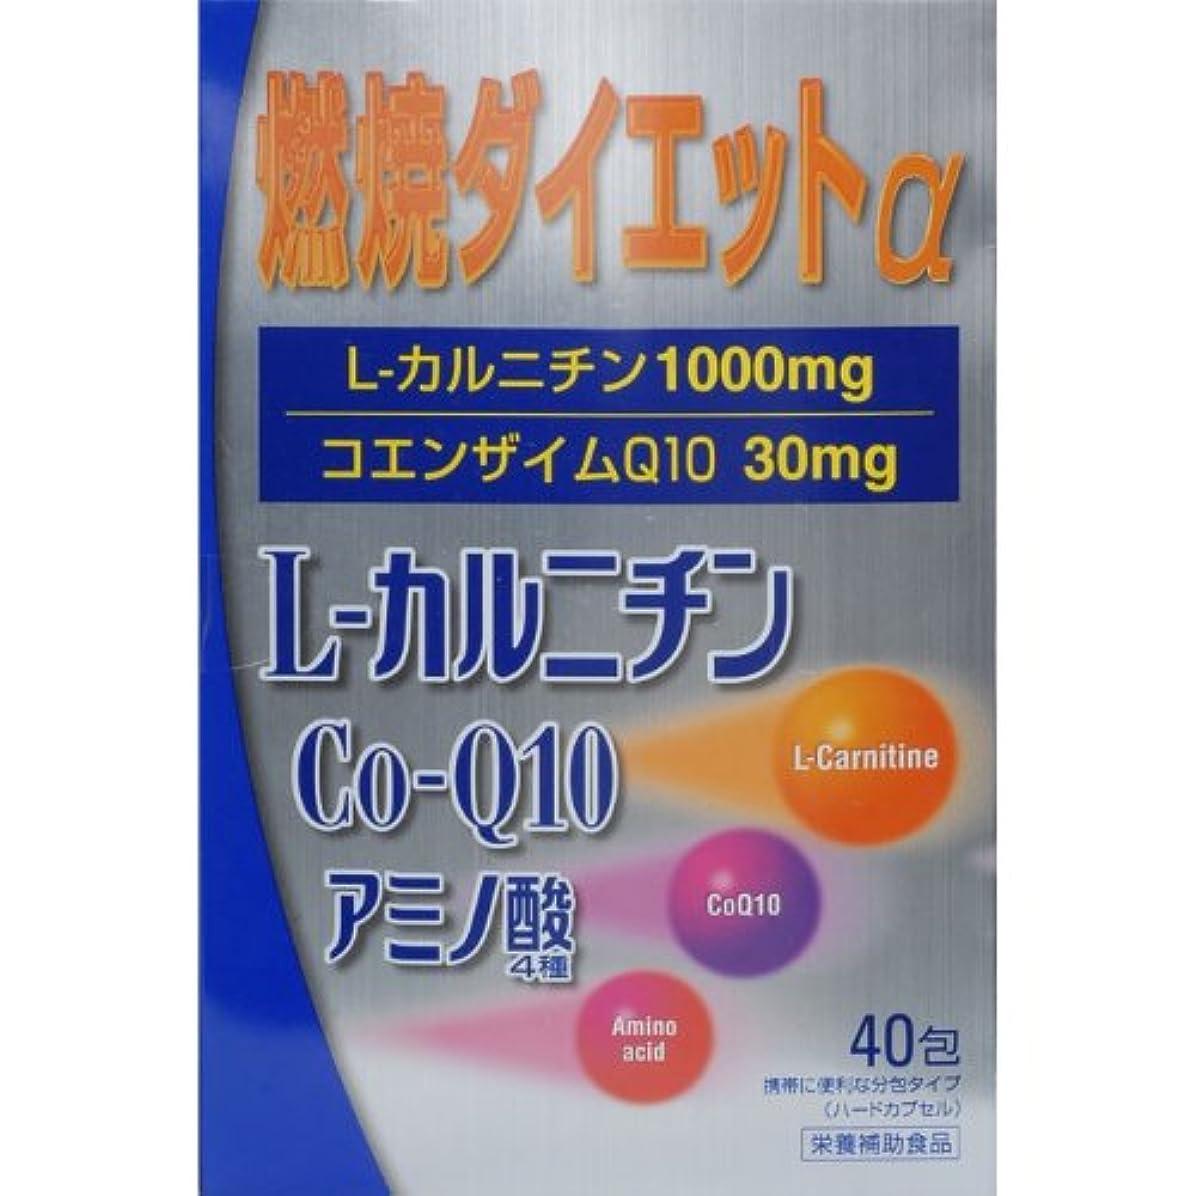 プット白鳥朝ごはん燃焼ダイエットL‐カルニチンα 40包